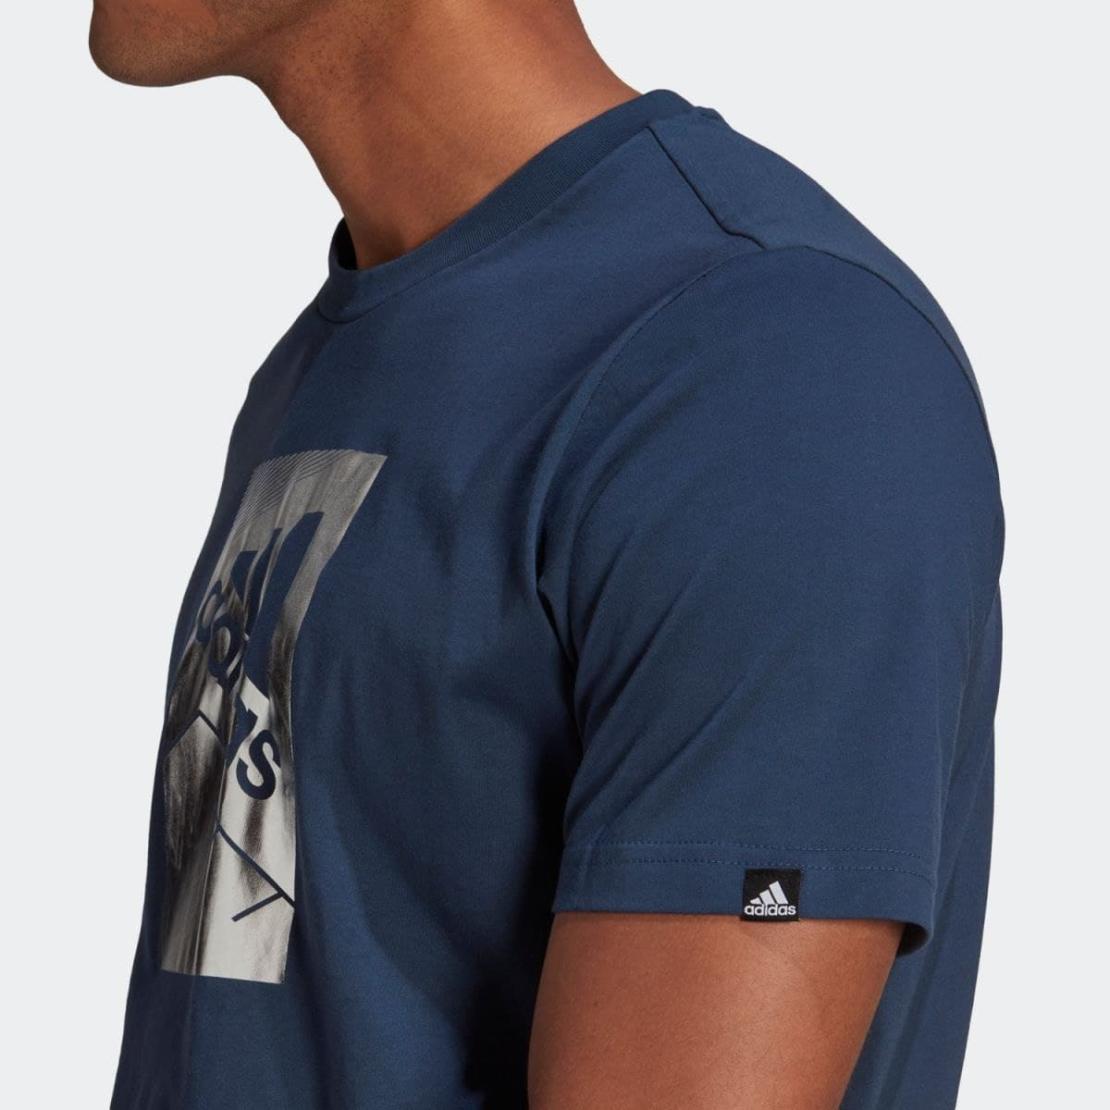 חולצת אדידס לגברים | Adidas Essentials Tee